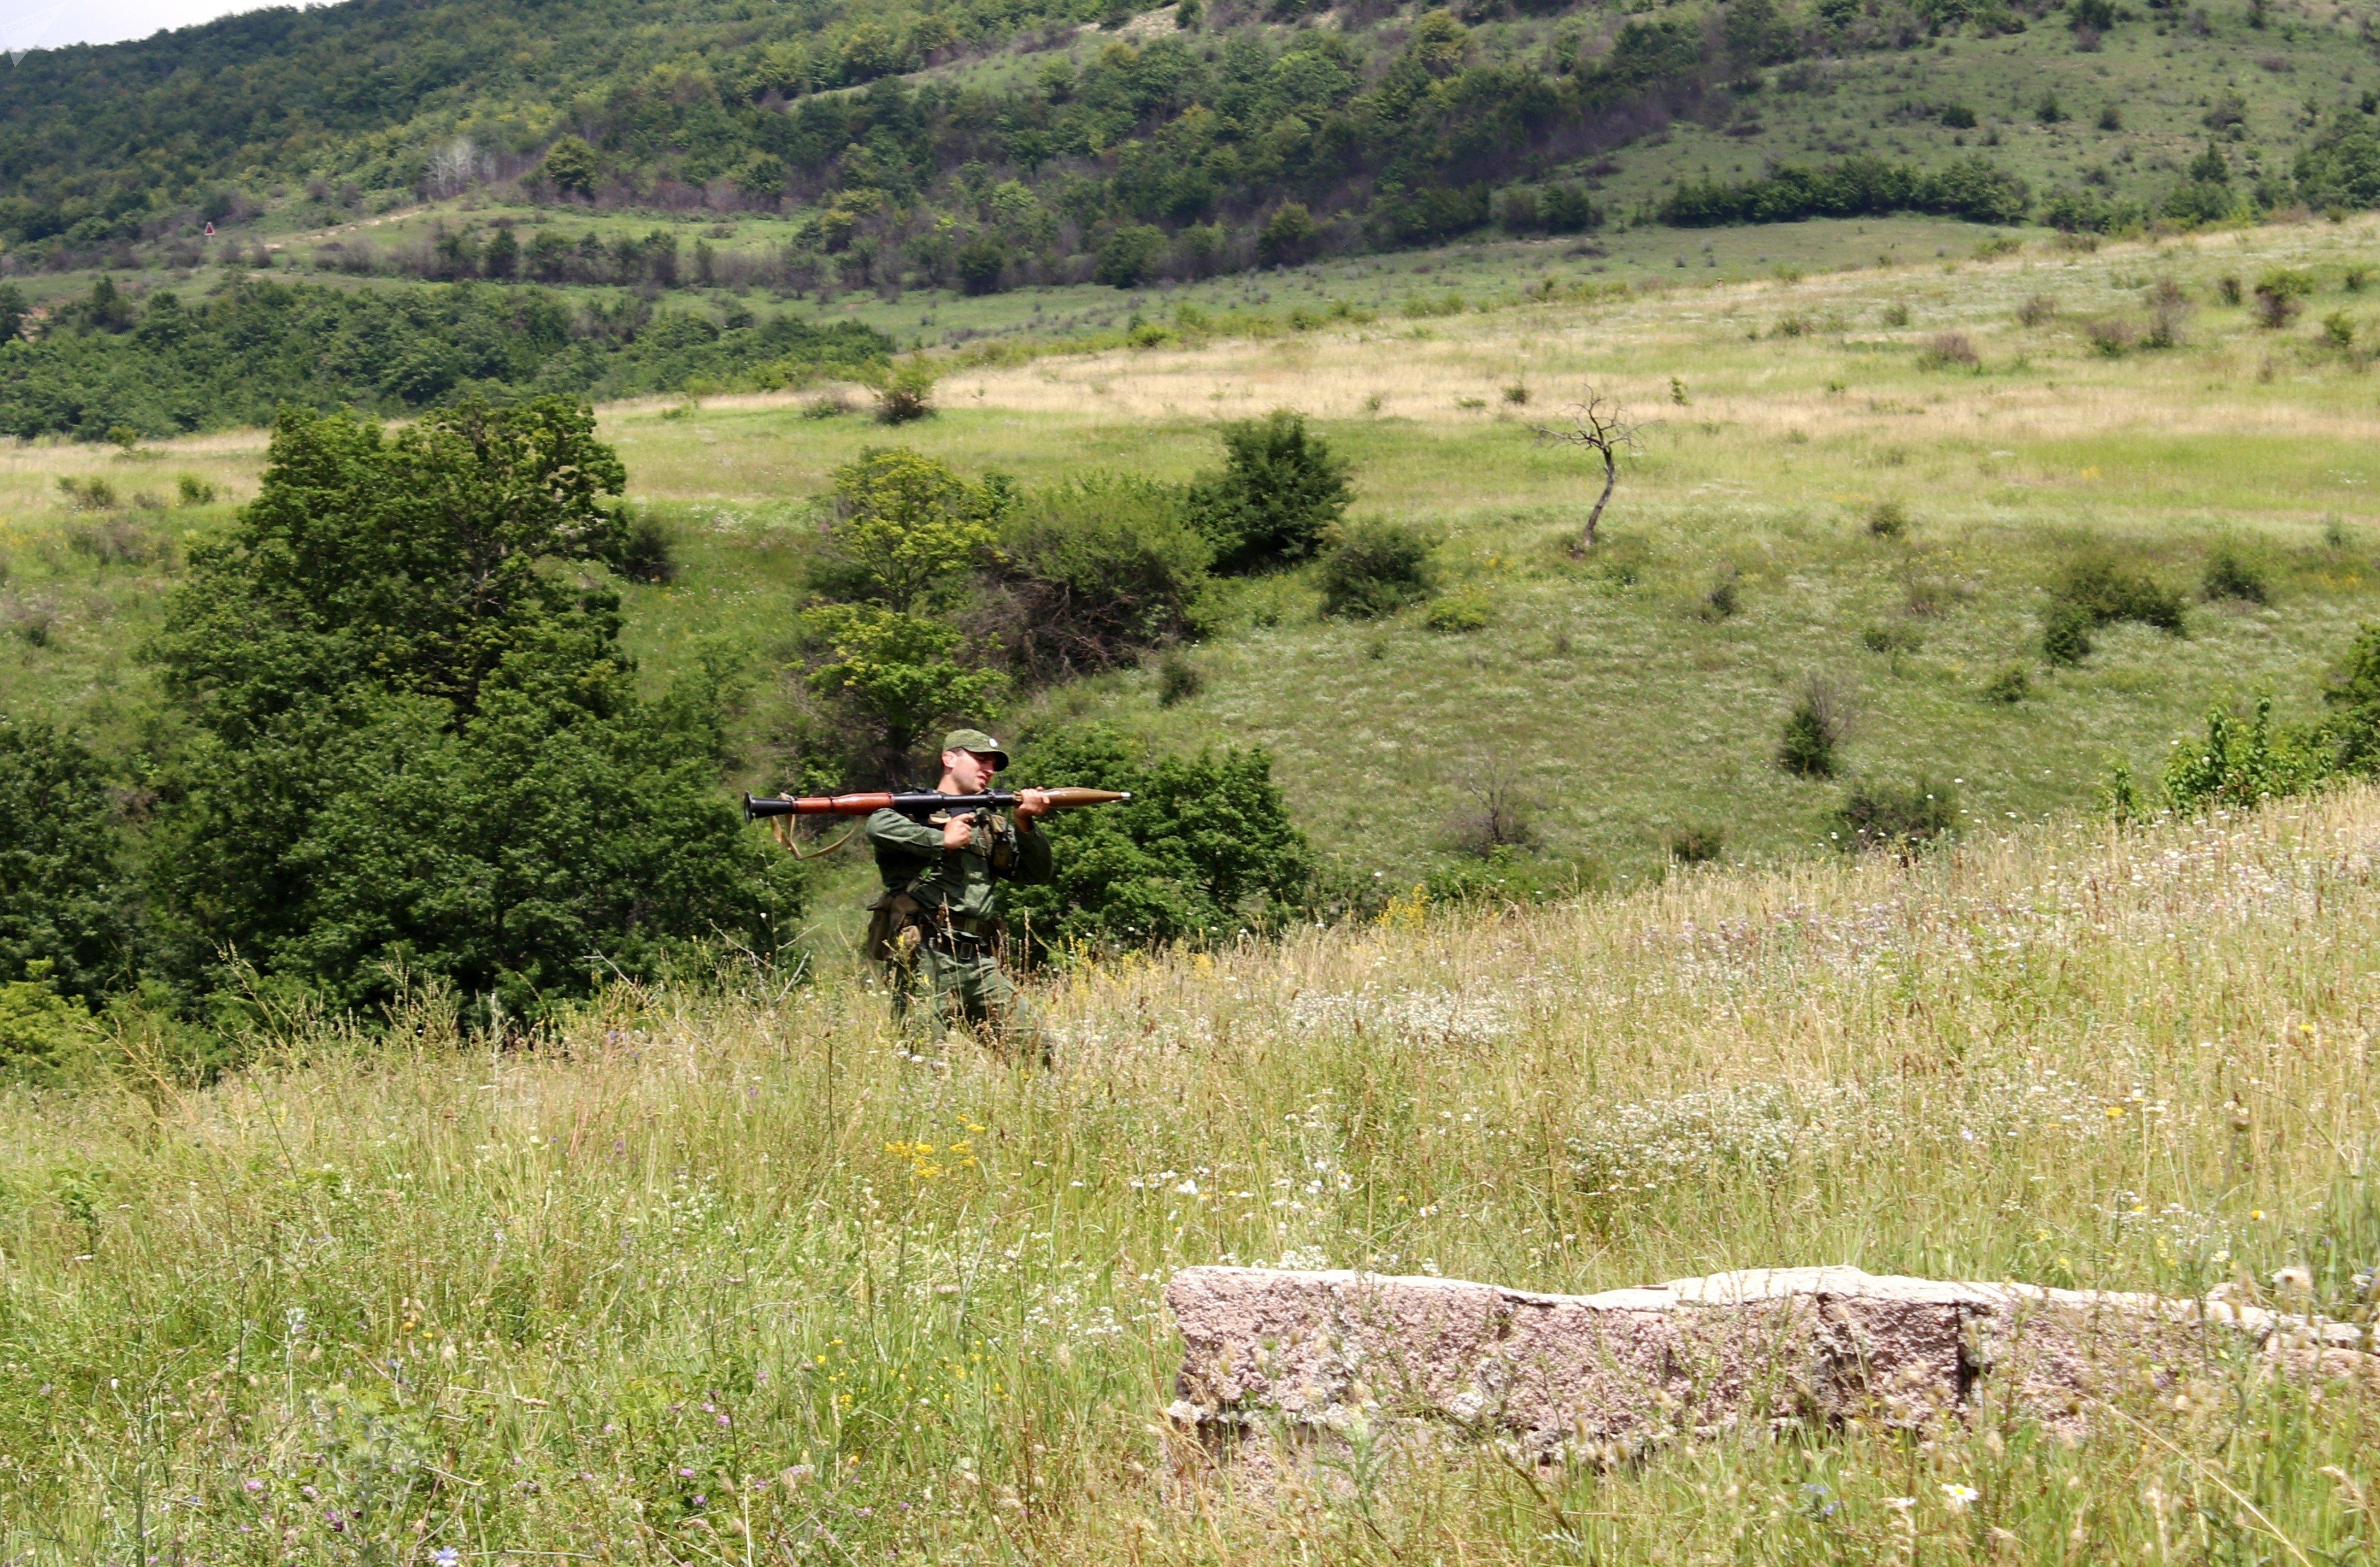 В Вооруженных силах РЮО отрабатываются боевые стрельбы в составе отделений